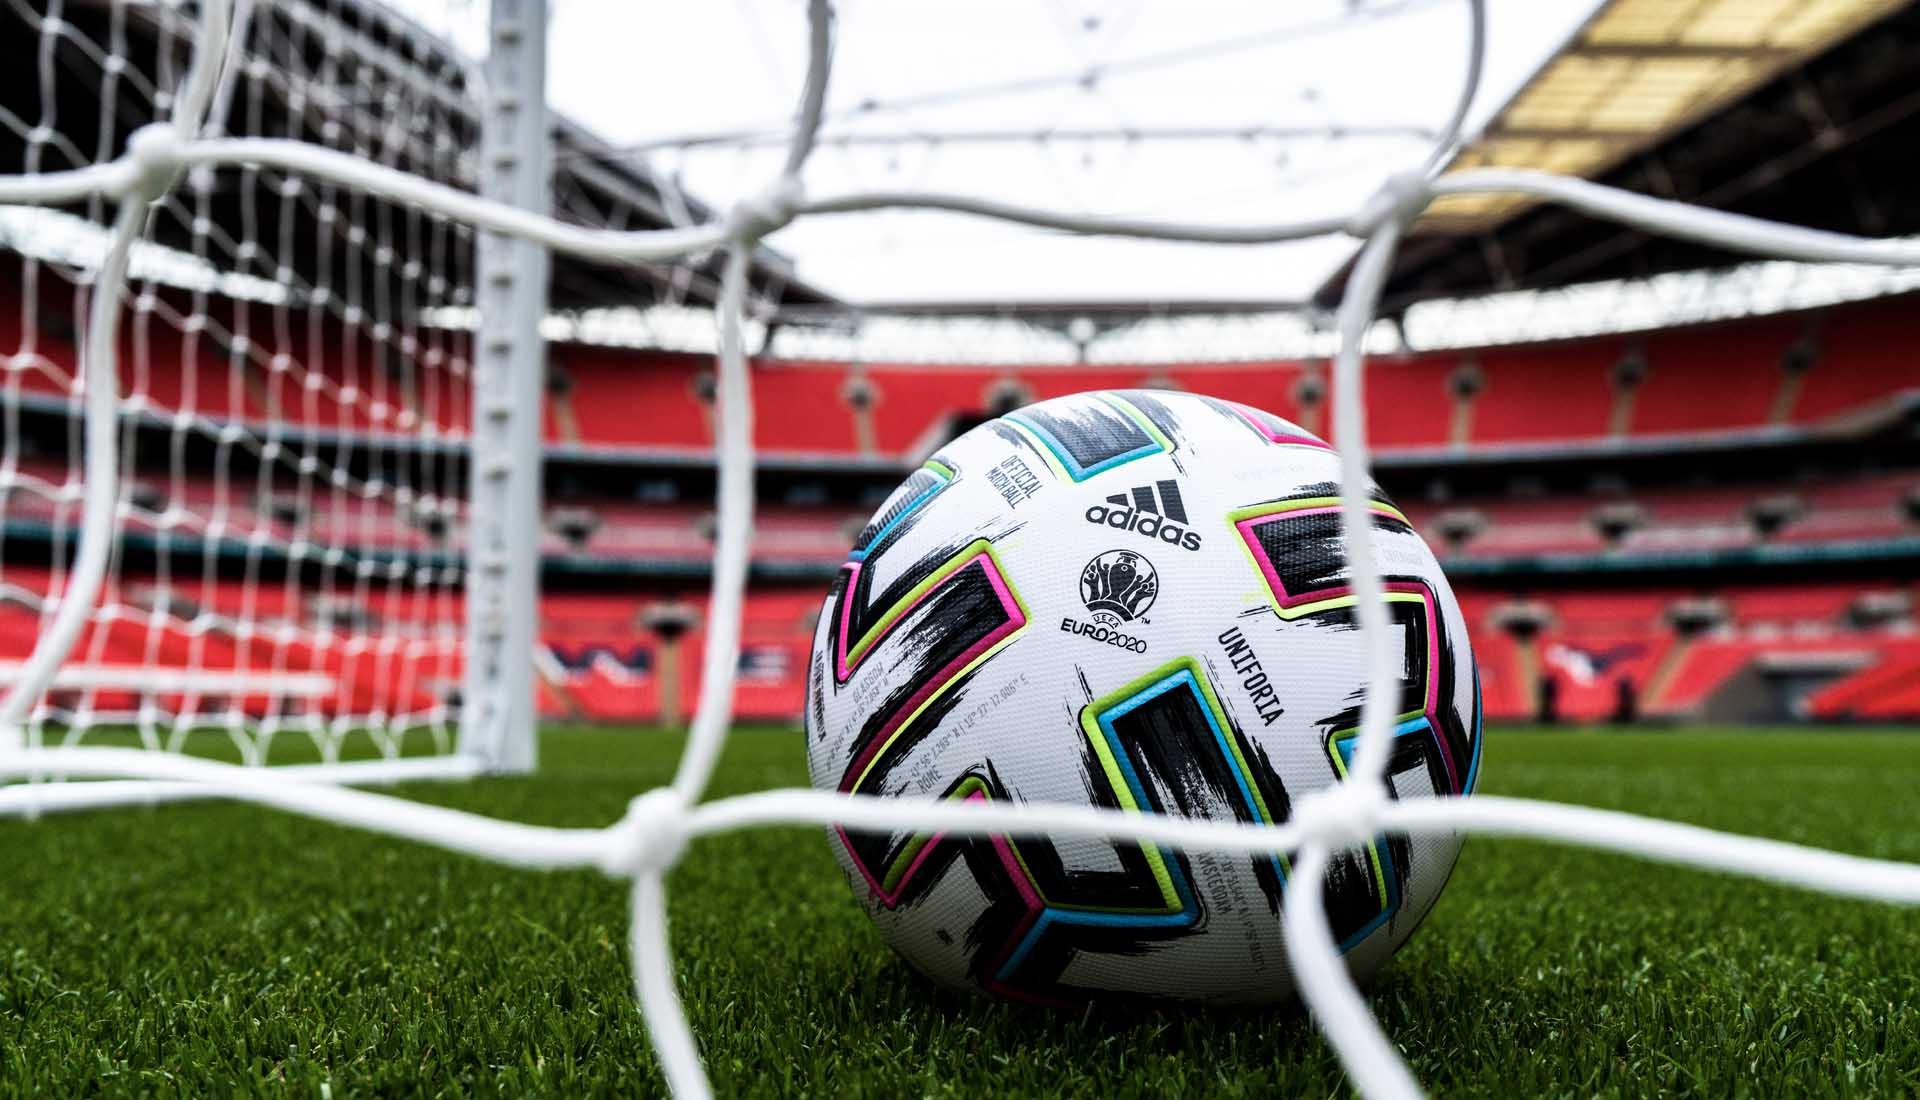 Adidas hace la presentación oficial del balón Uniforia, que se utilizara en la Eurocopa 2020.